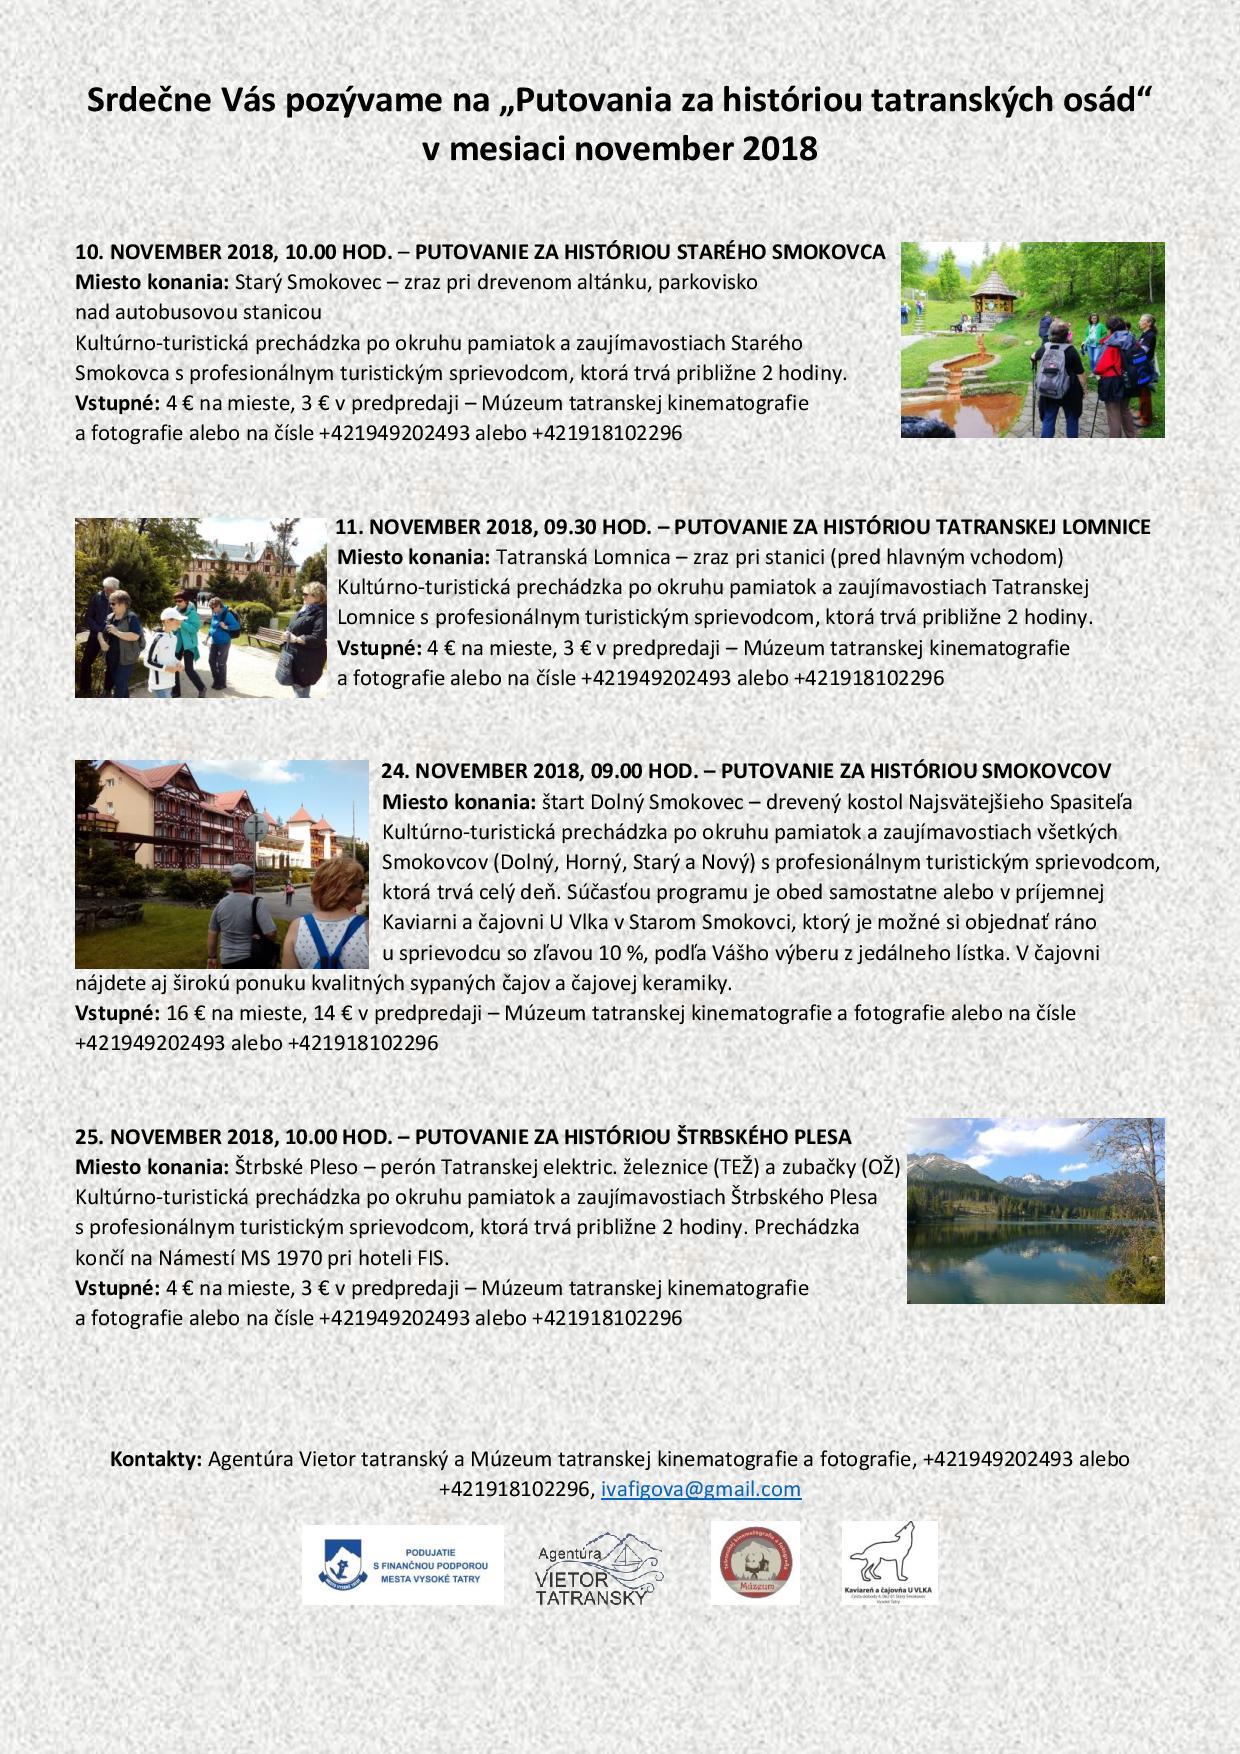 Putovania za históriou tatranských osád